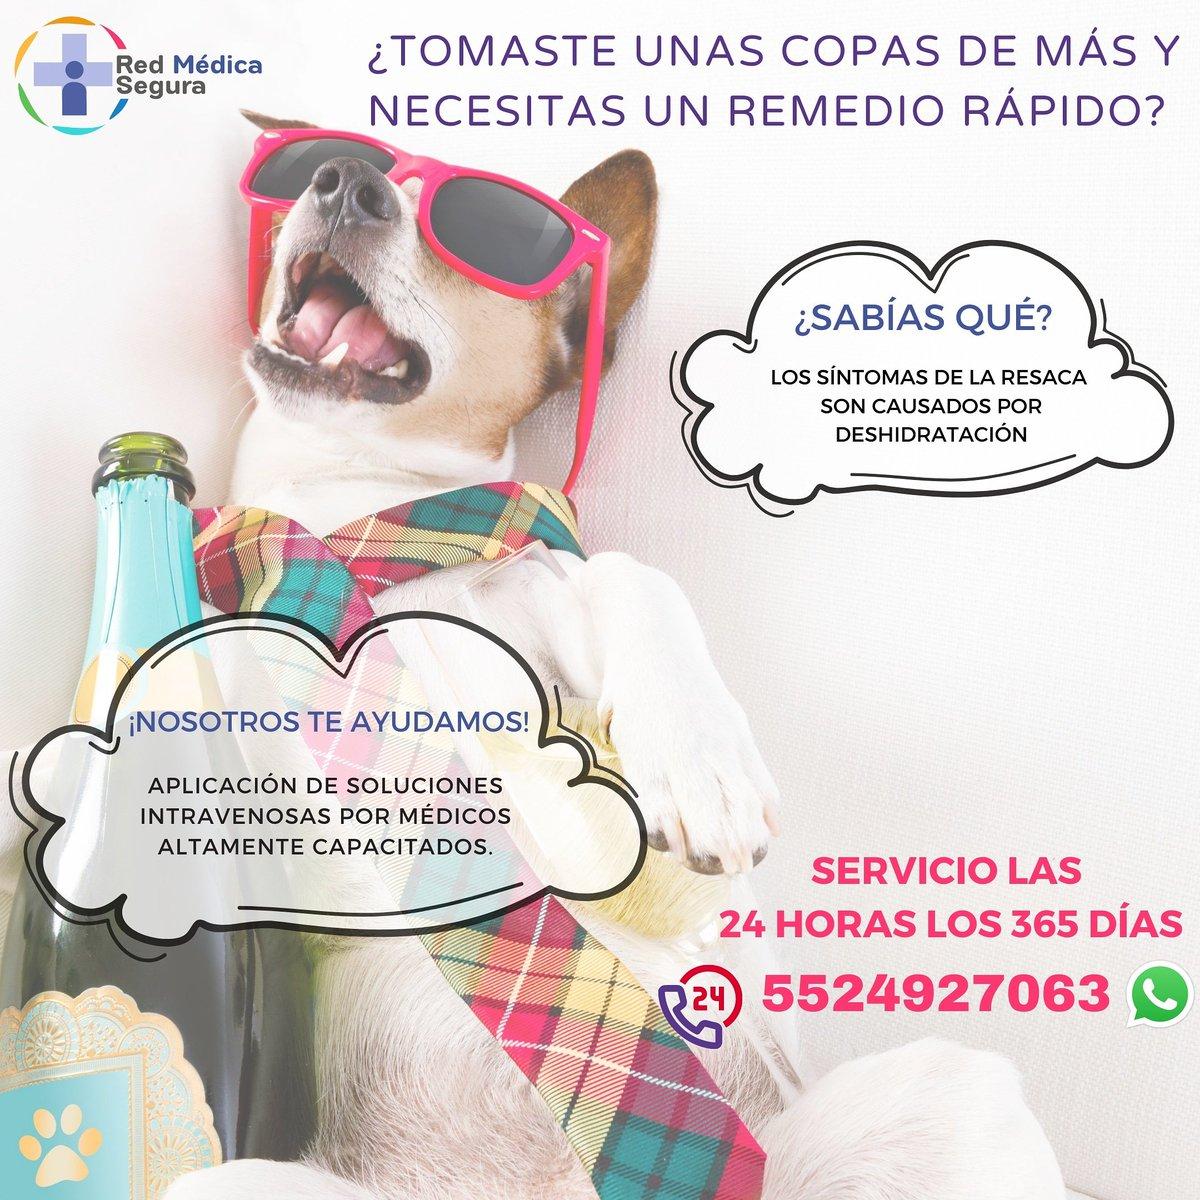 ¡Te tratamos con el mejor remedio! Línea directa 5524927063. #salud #integral #adomicilio #bienestar #swag #lifestyle https://t.co/tohqolV8DA